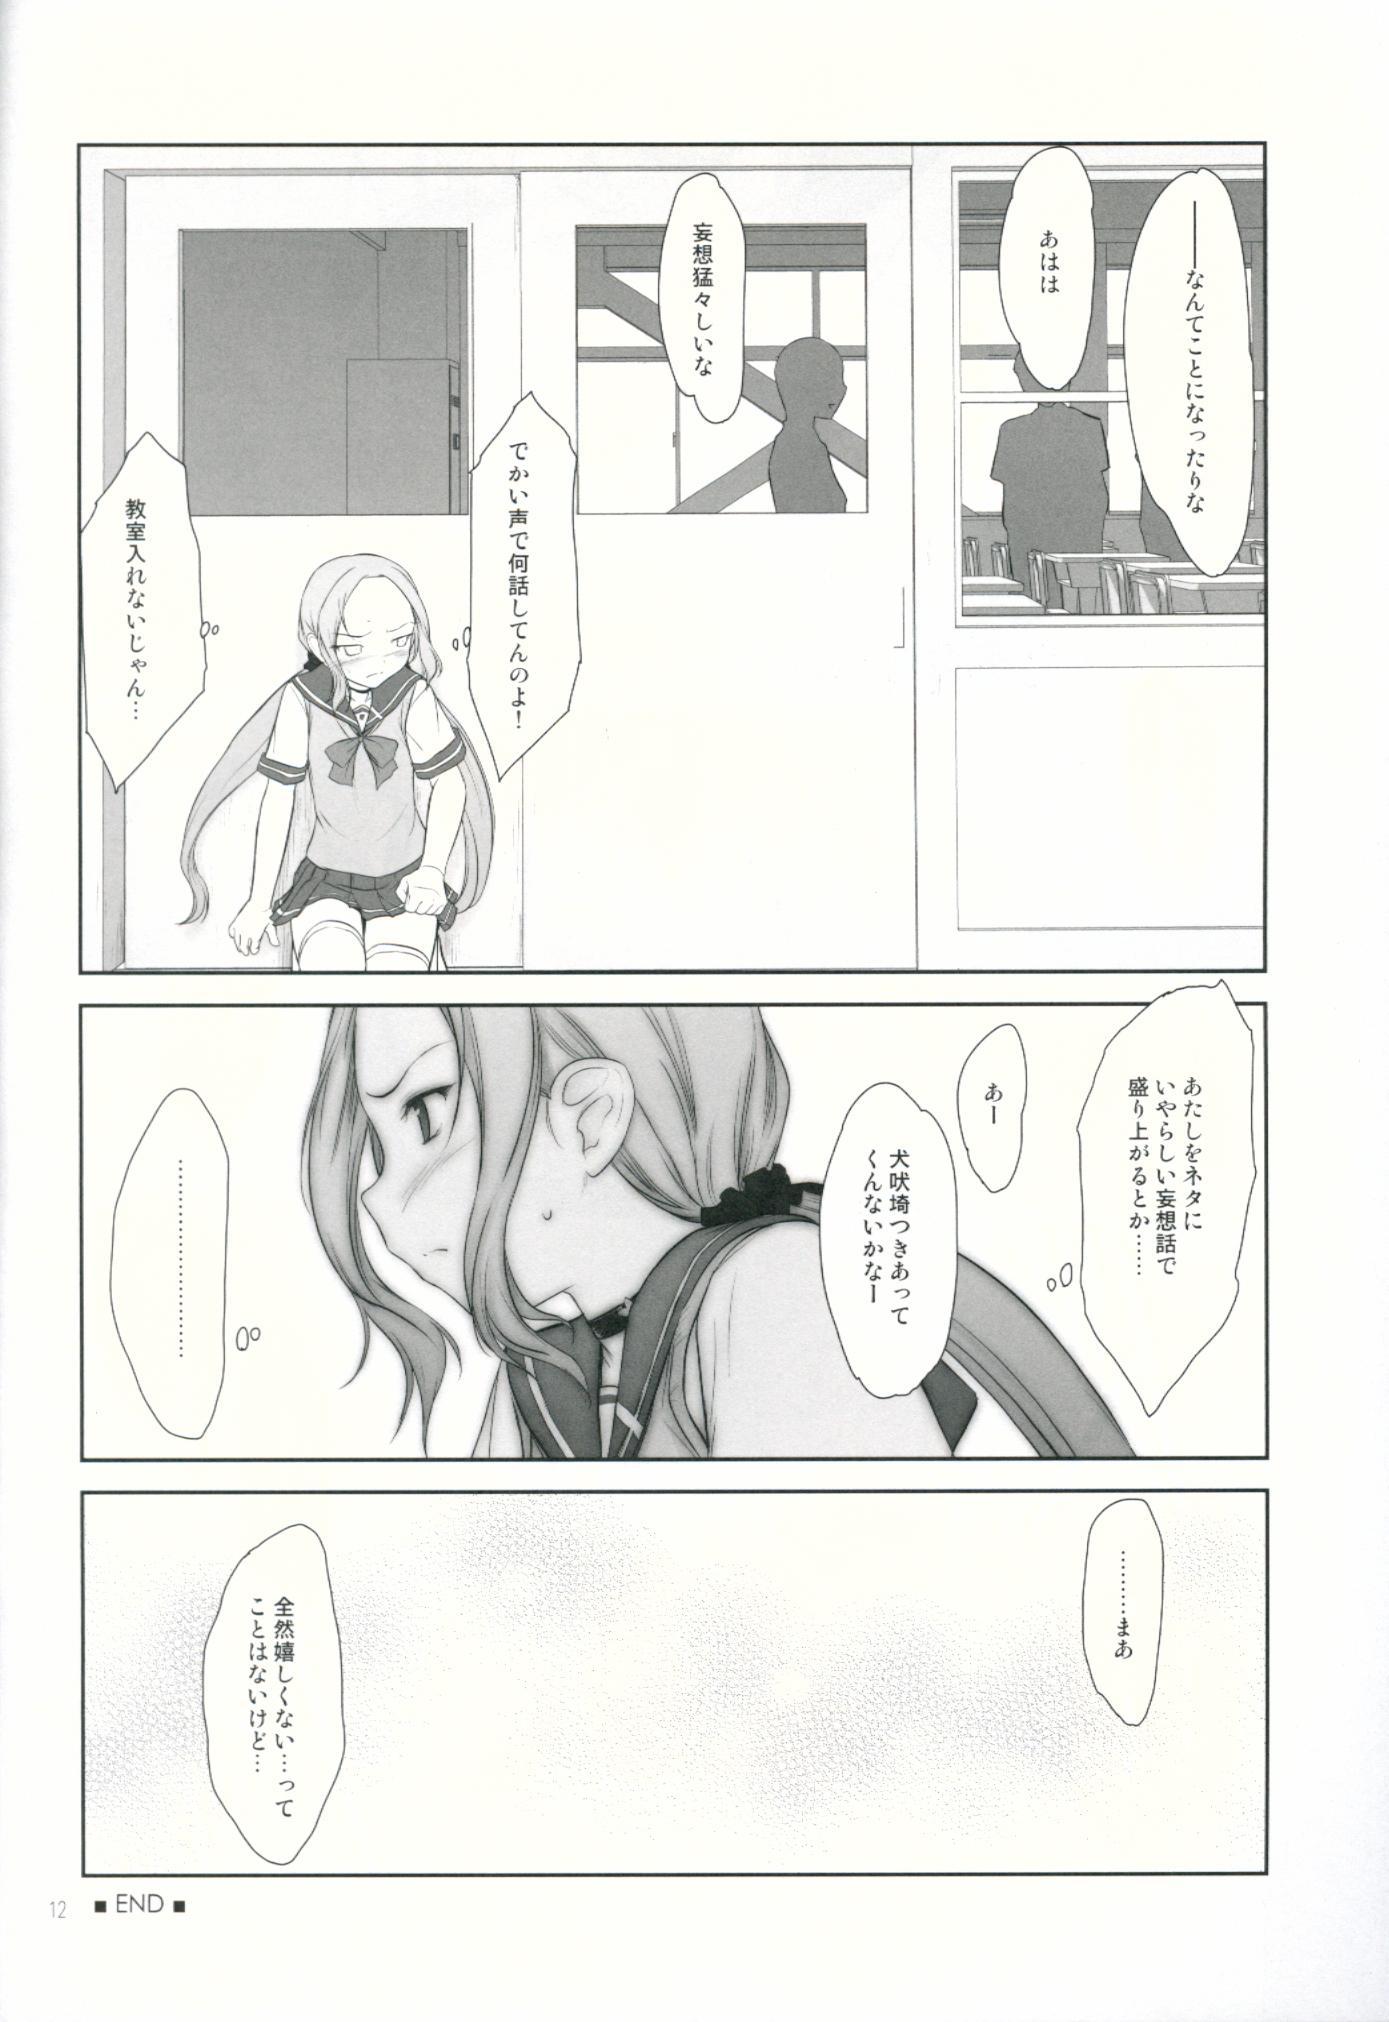 Petite Soeur 11 10